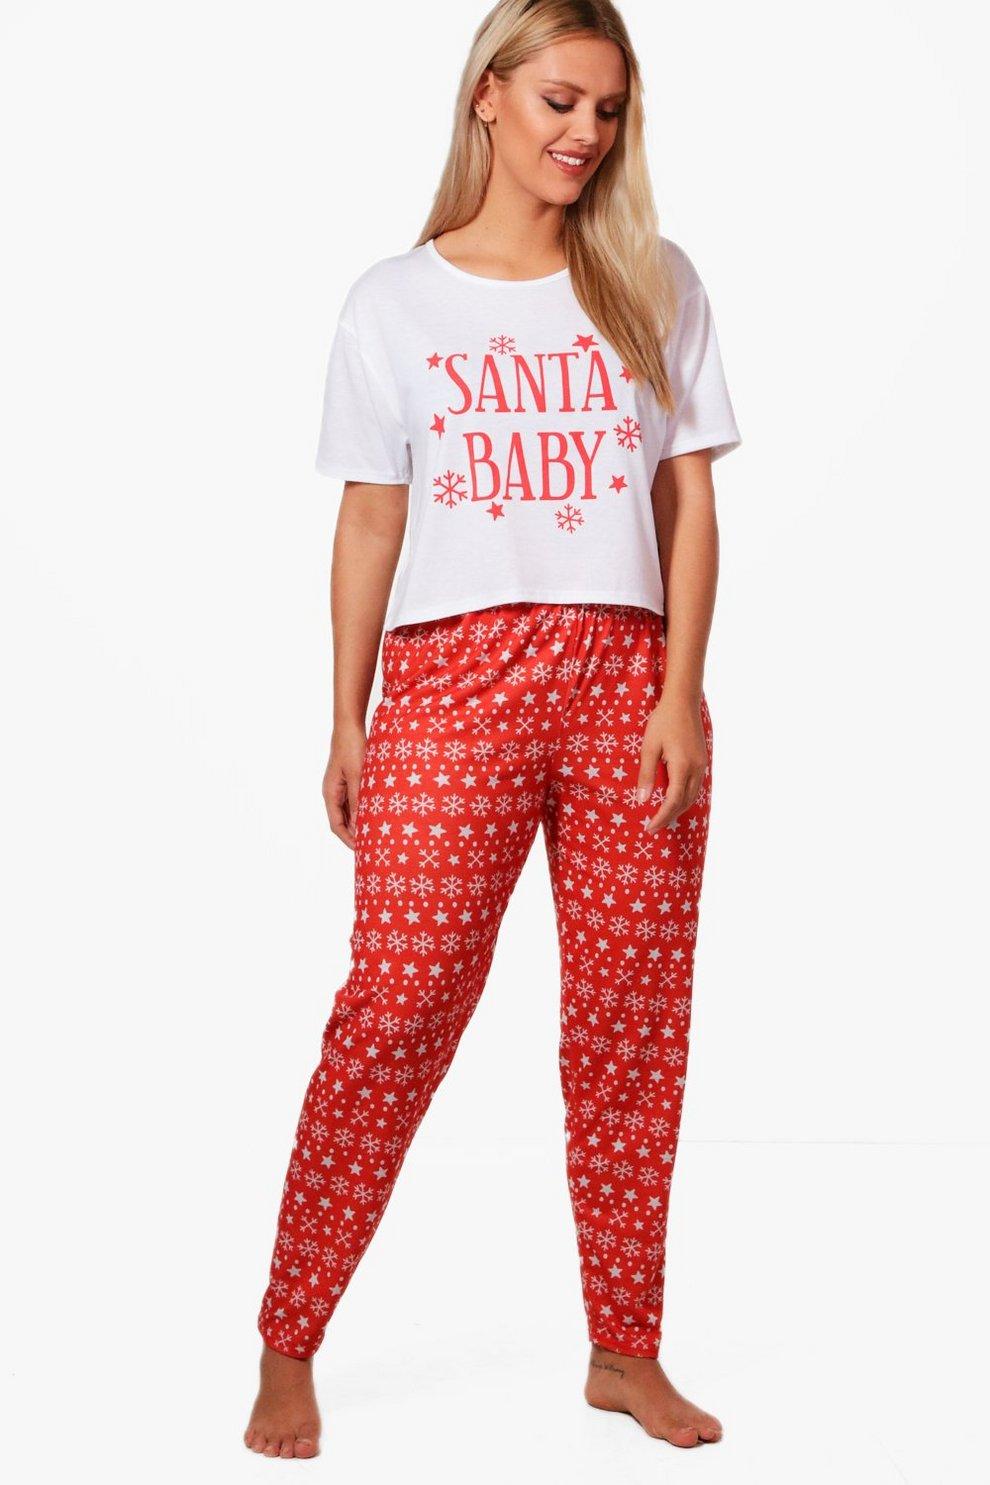 new styles de4ca 09c75 Plus Orla Santa Baby Weihnachten Schlafanzug Zweiteiler aus